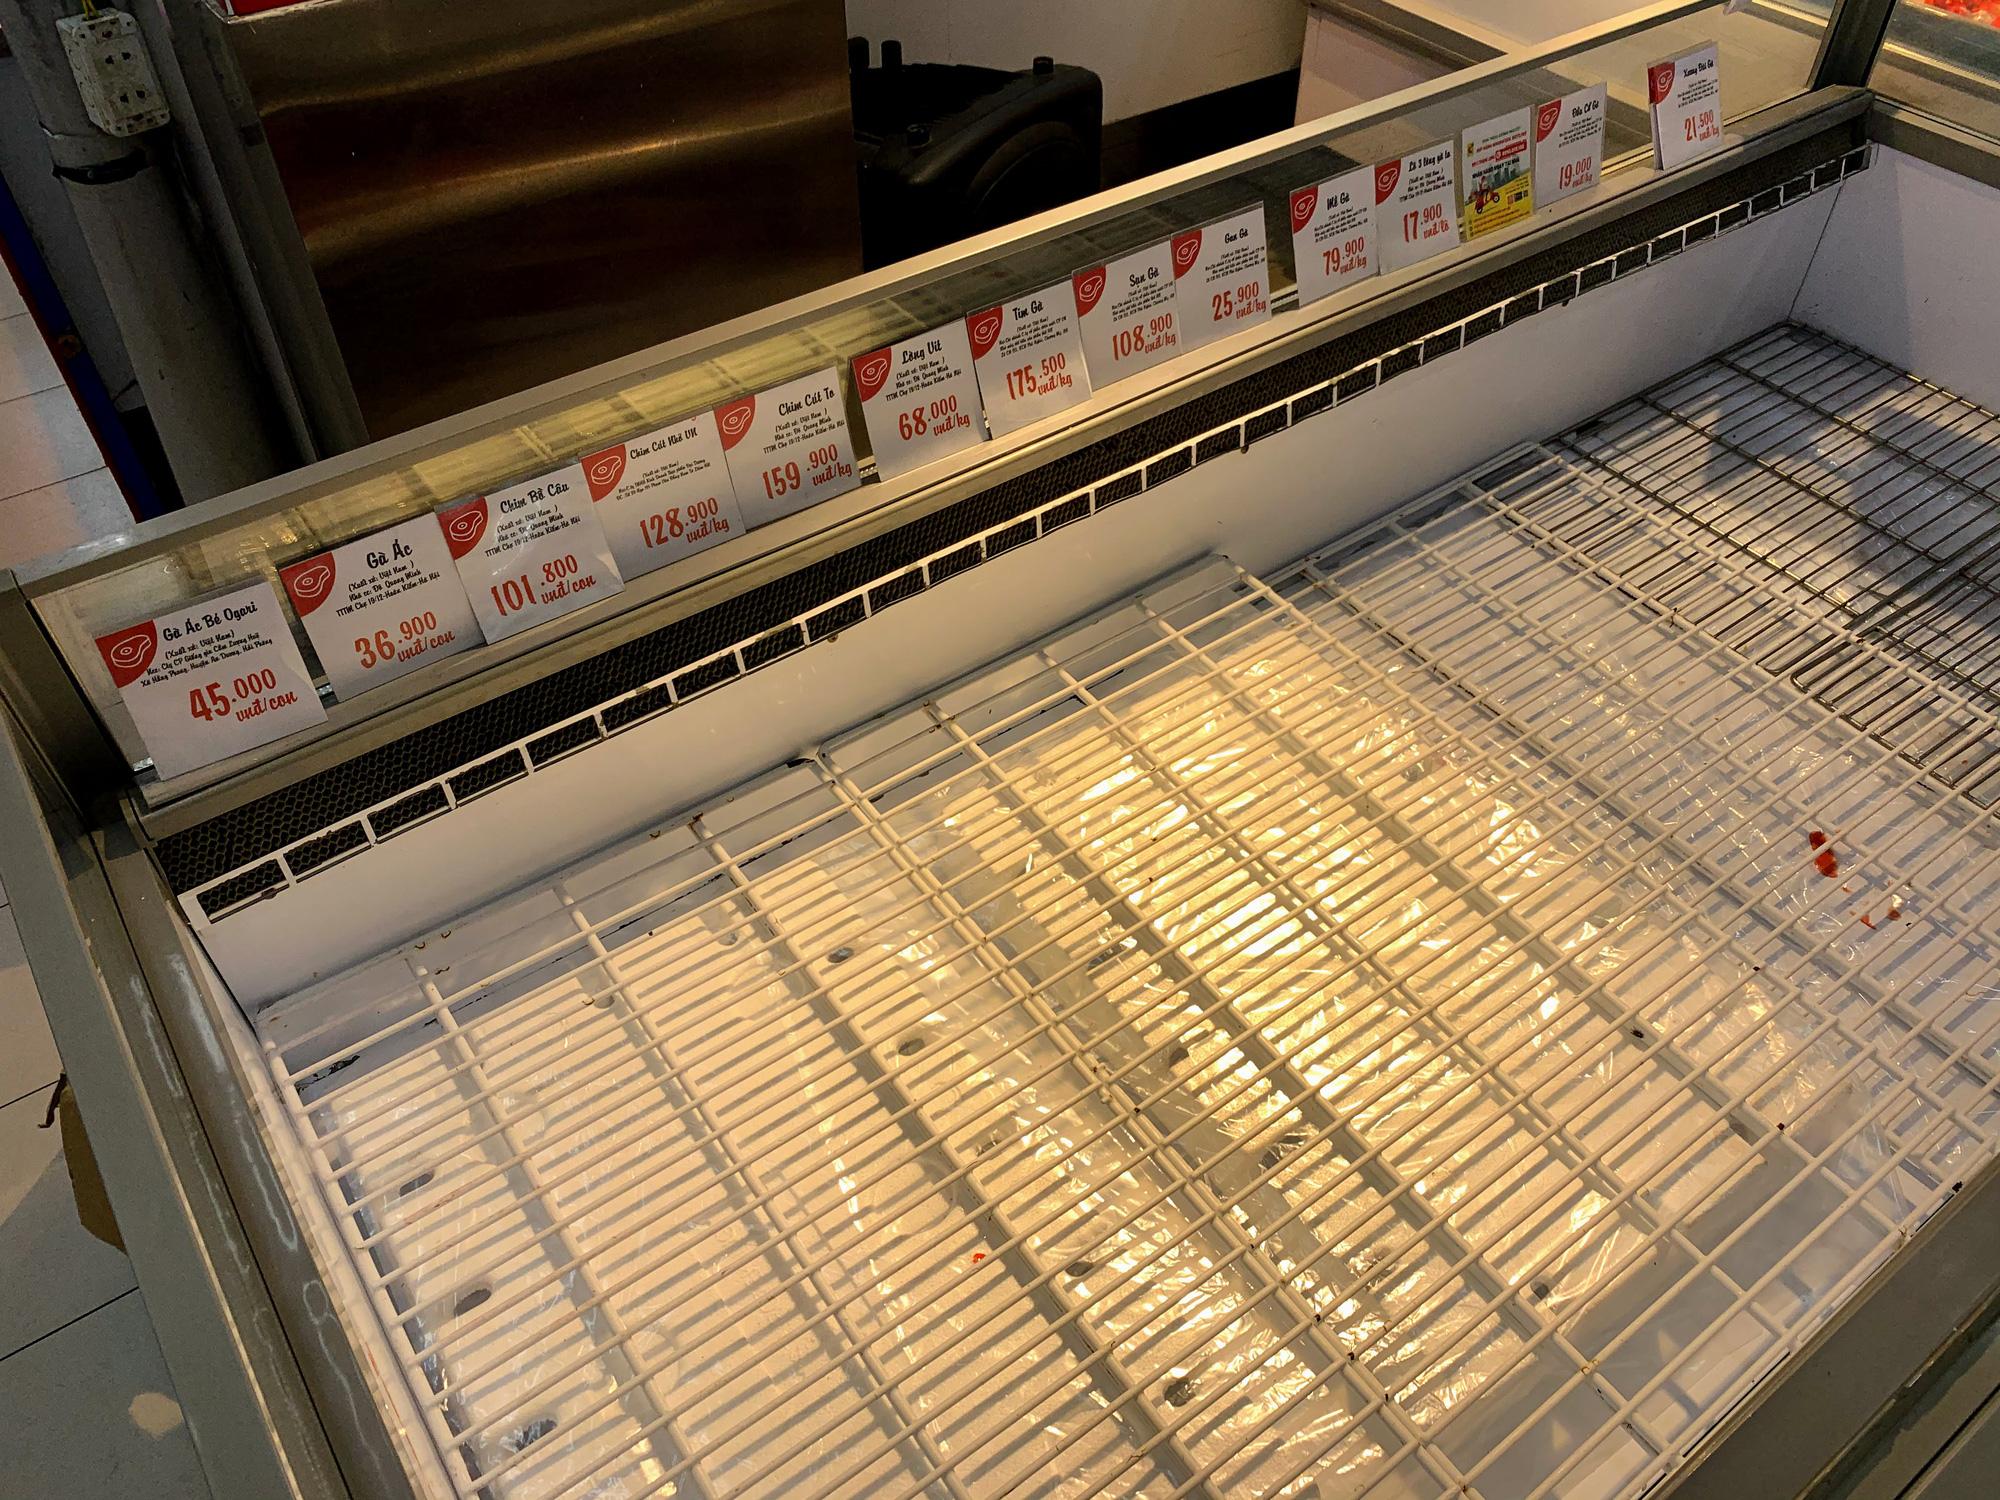 Trước giờ giới nghiêm, người Hà Nội ùn ùn kéo về siêu thị, mua sạch mì tôm, thực phẩm, giấy vệ sinh - Ảnh 12.